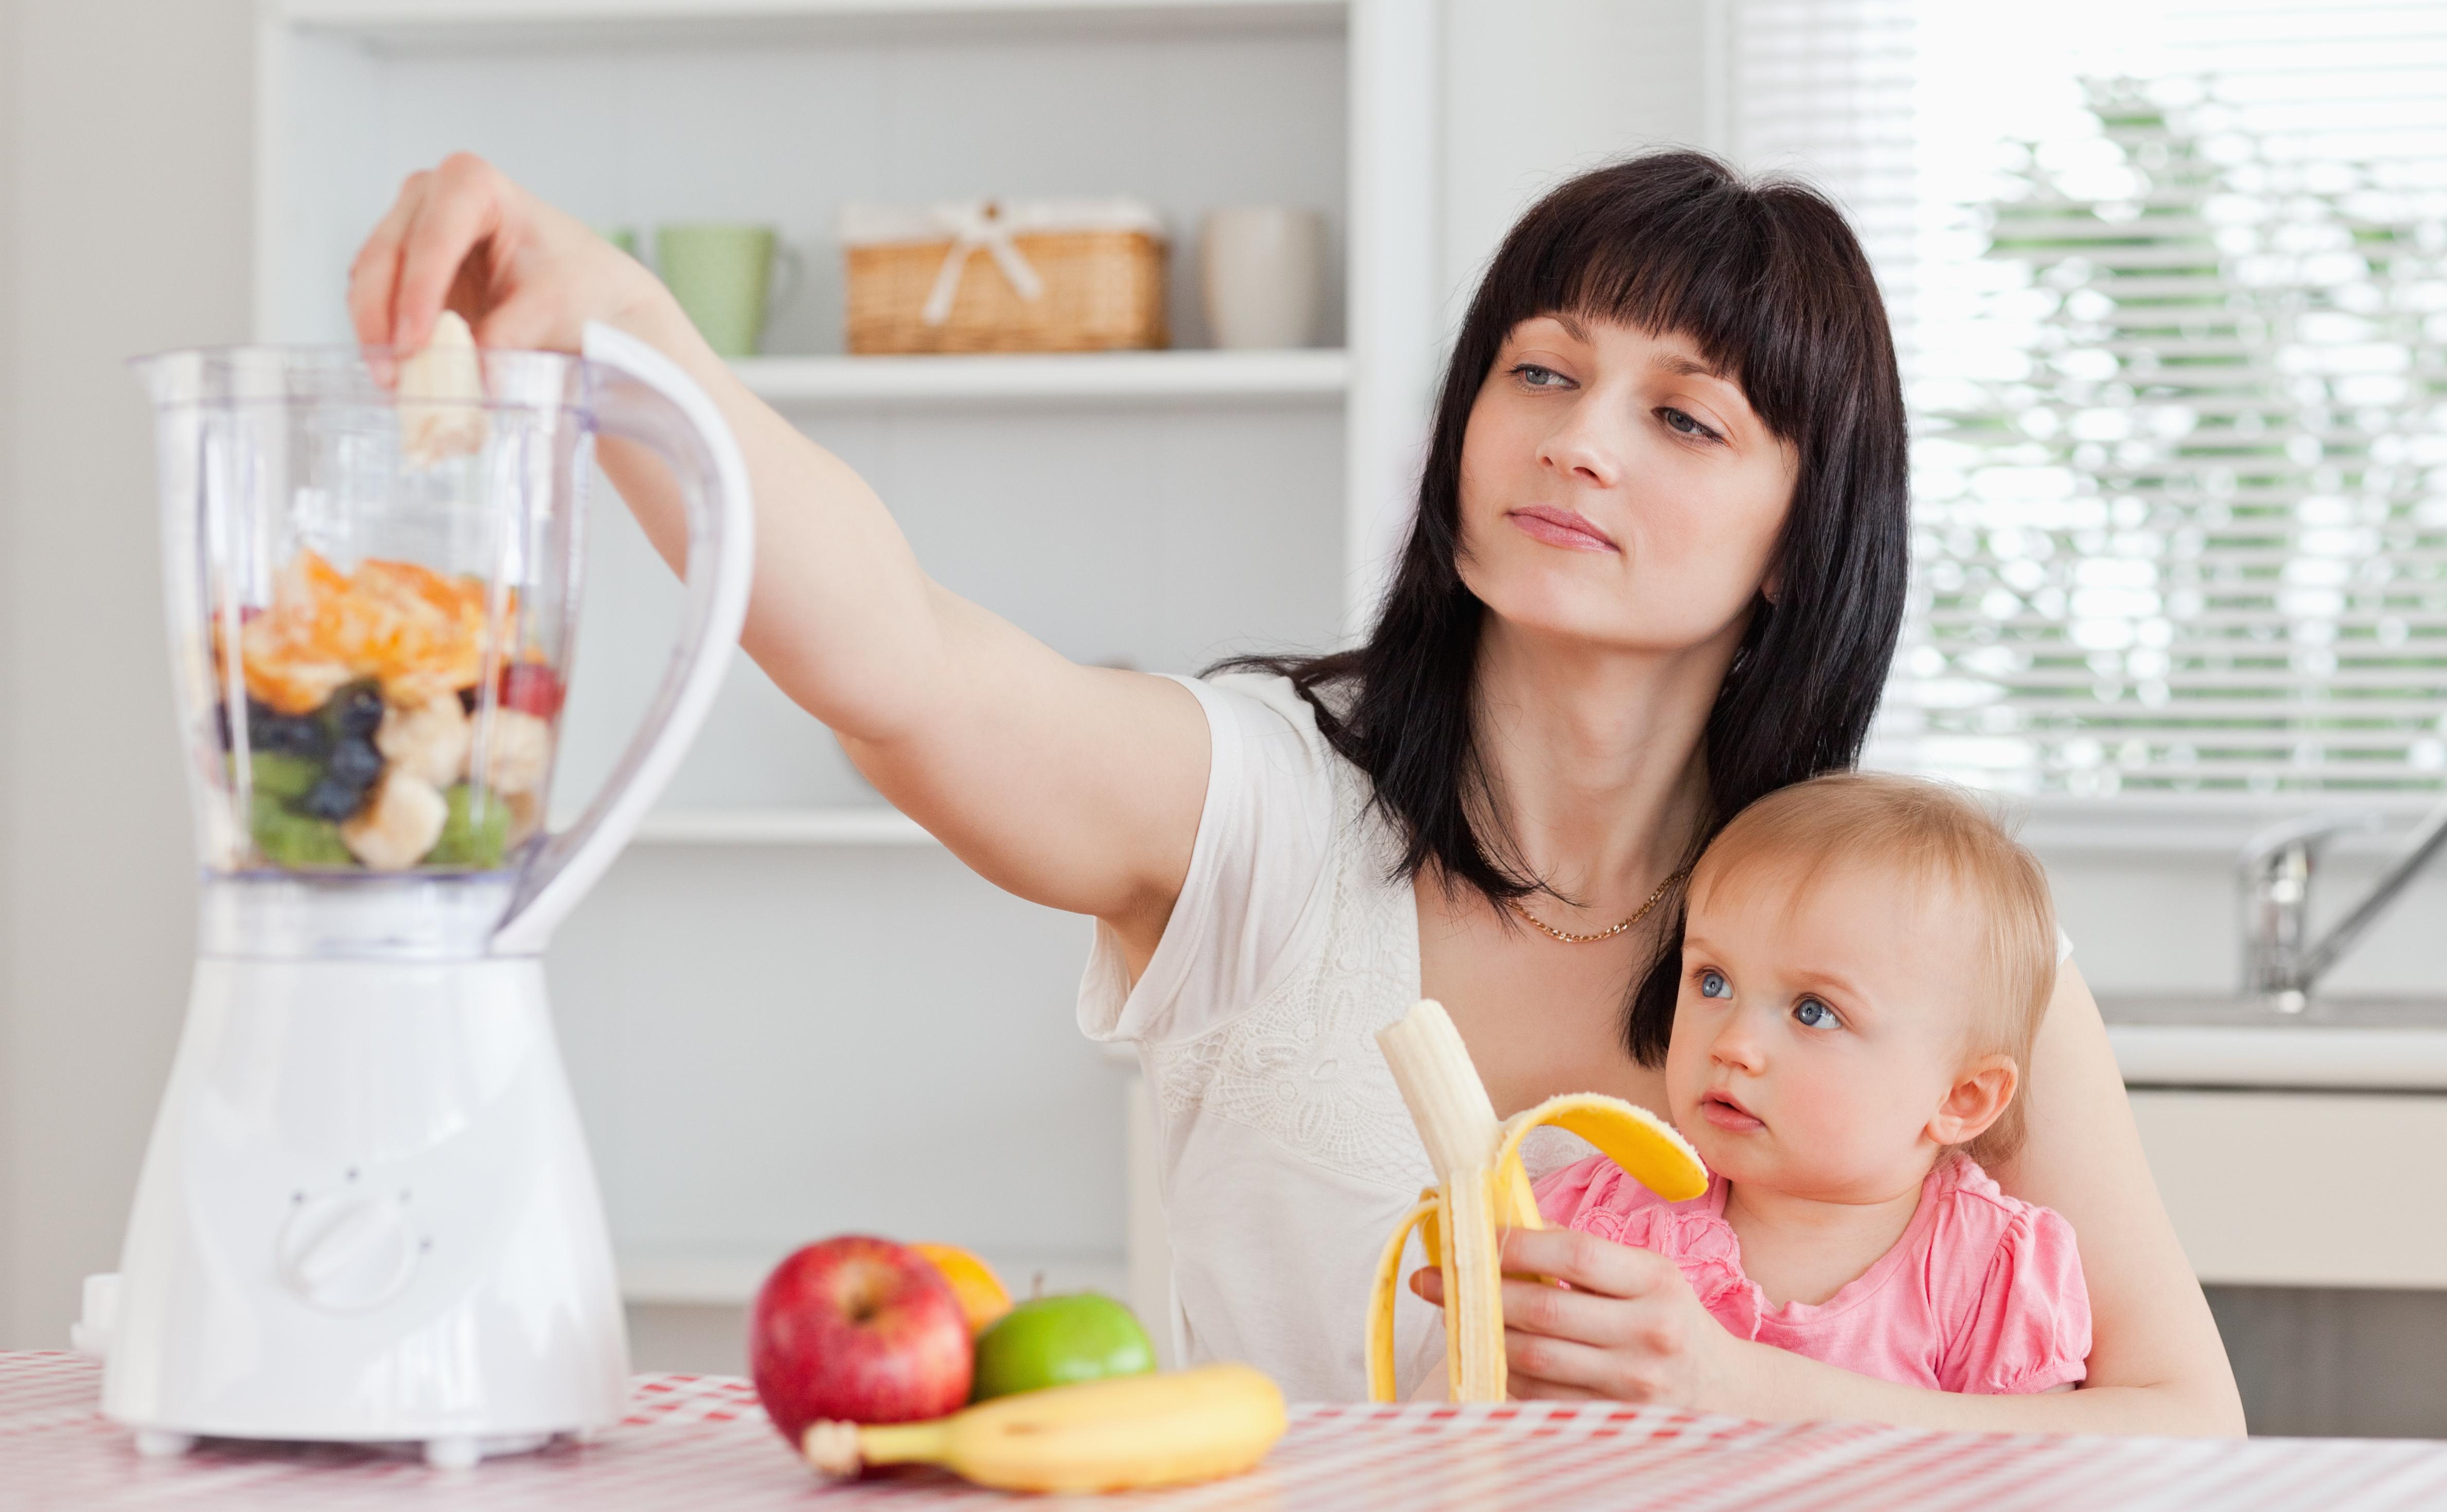 Madre preparando papilla de frutas con su bebé